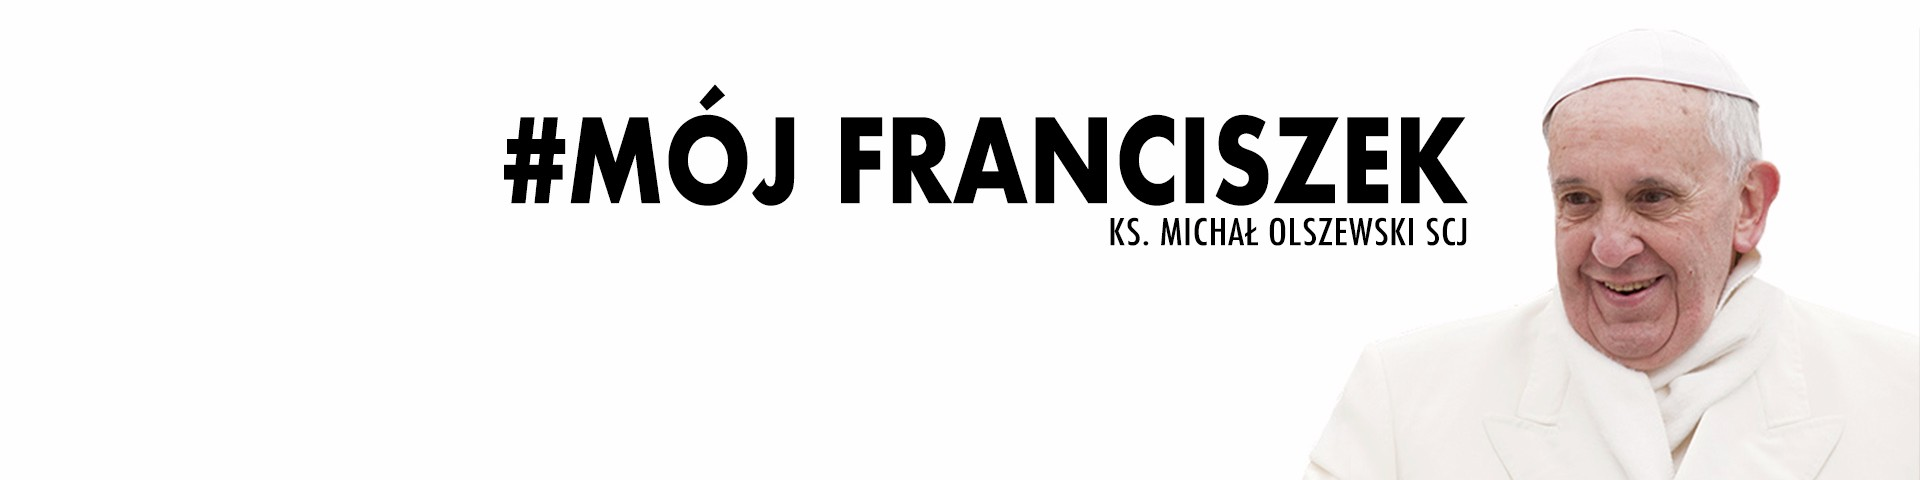 Audycja Radia Profeto - Mój Franciszek (audio)